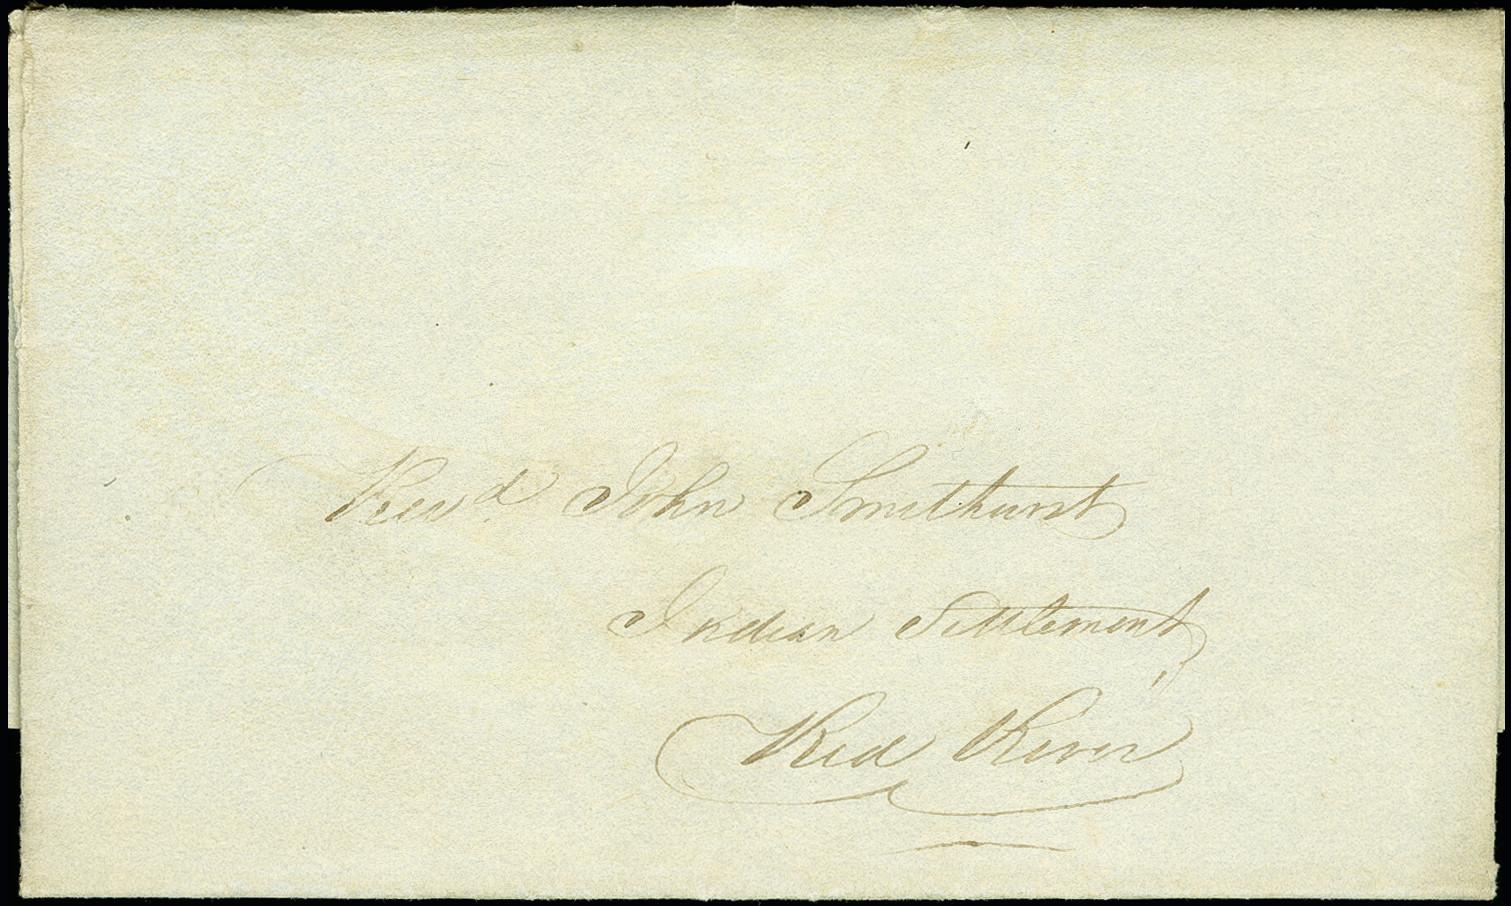 Lot 2177 - übersee United States of America -  Heinrich Koehler Auktionen 375rd Heinrich Köhler auction - Day 1